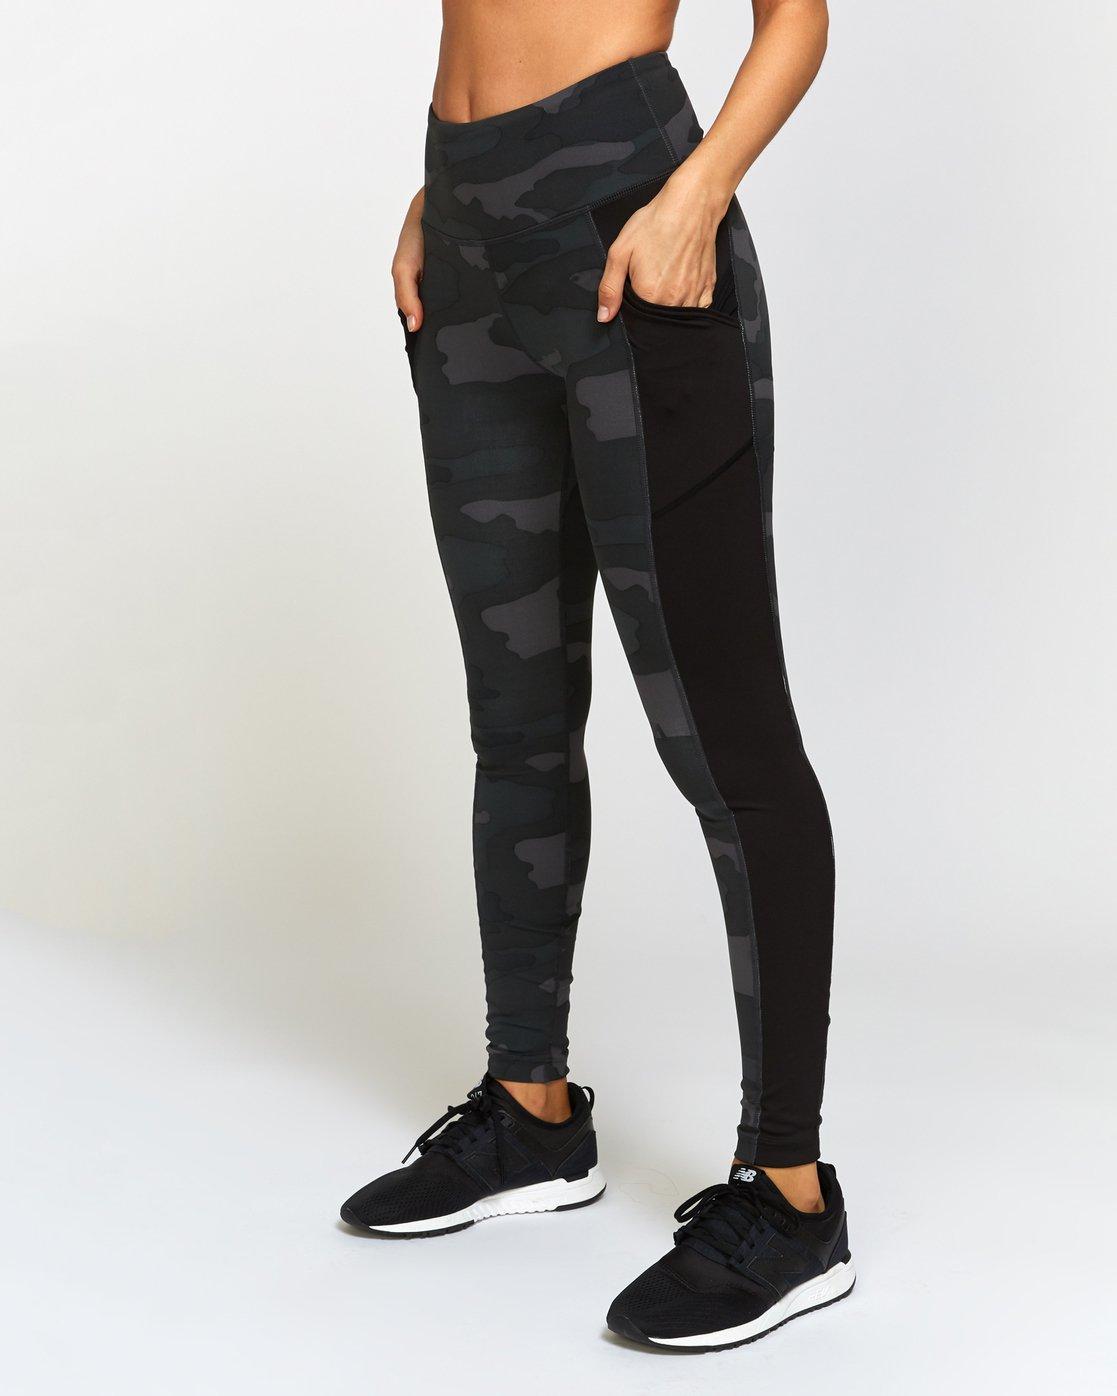 0 Atomic  - Legging de Sport taille-haute pour Femme Camo Q4PTWERVF9 RVCA